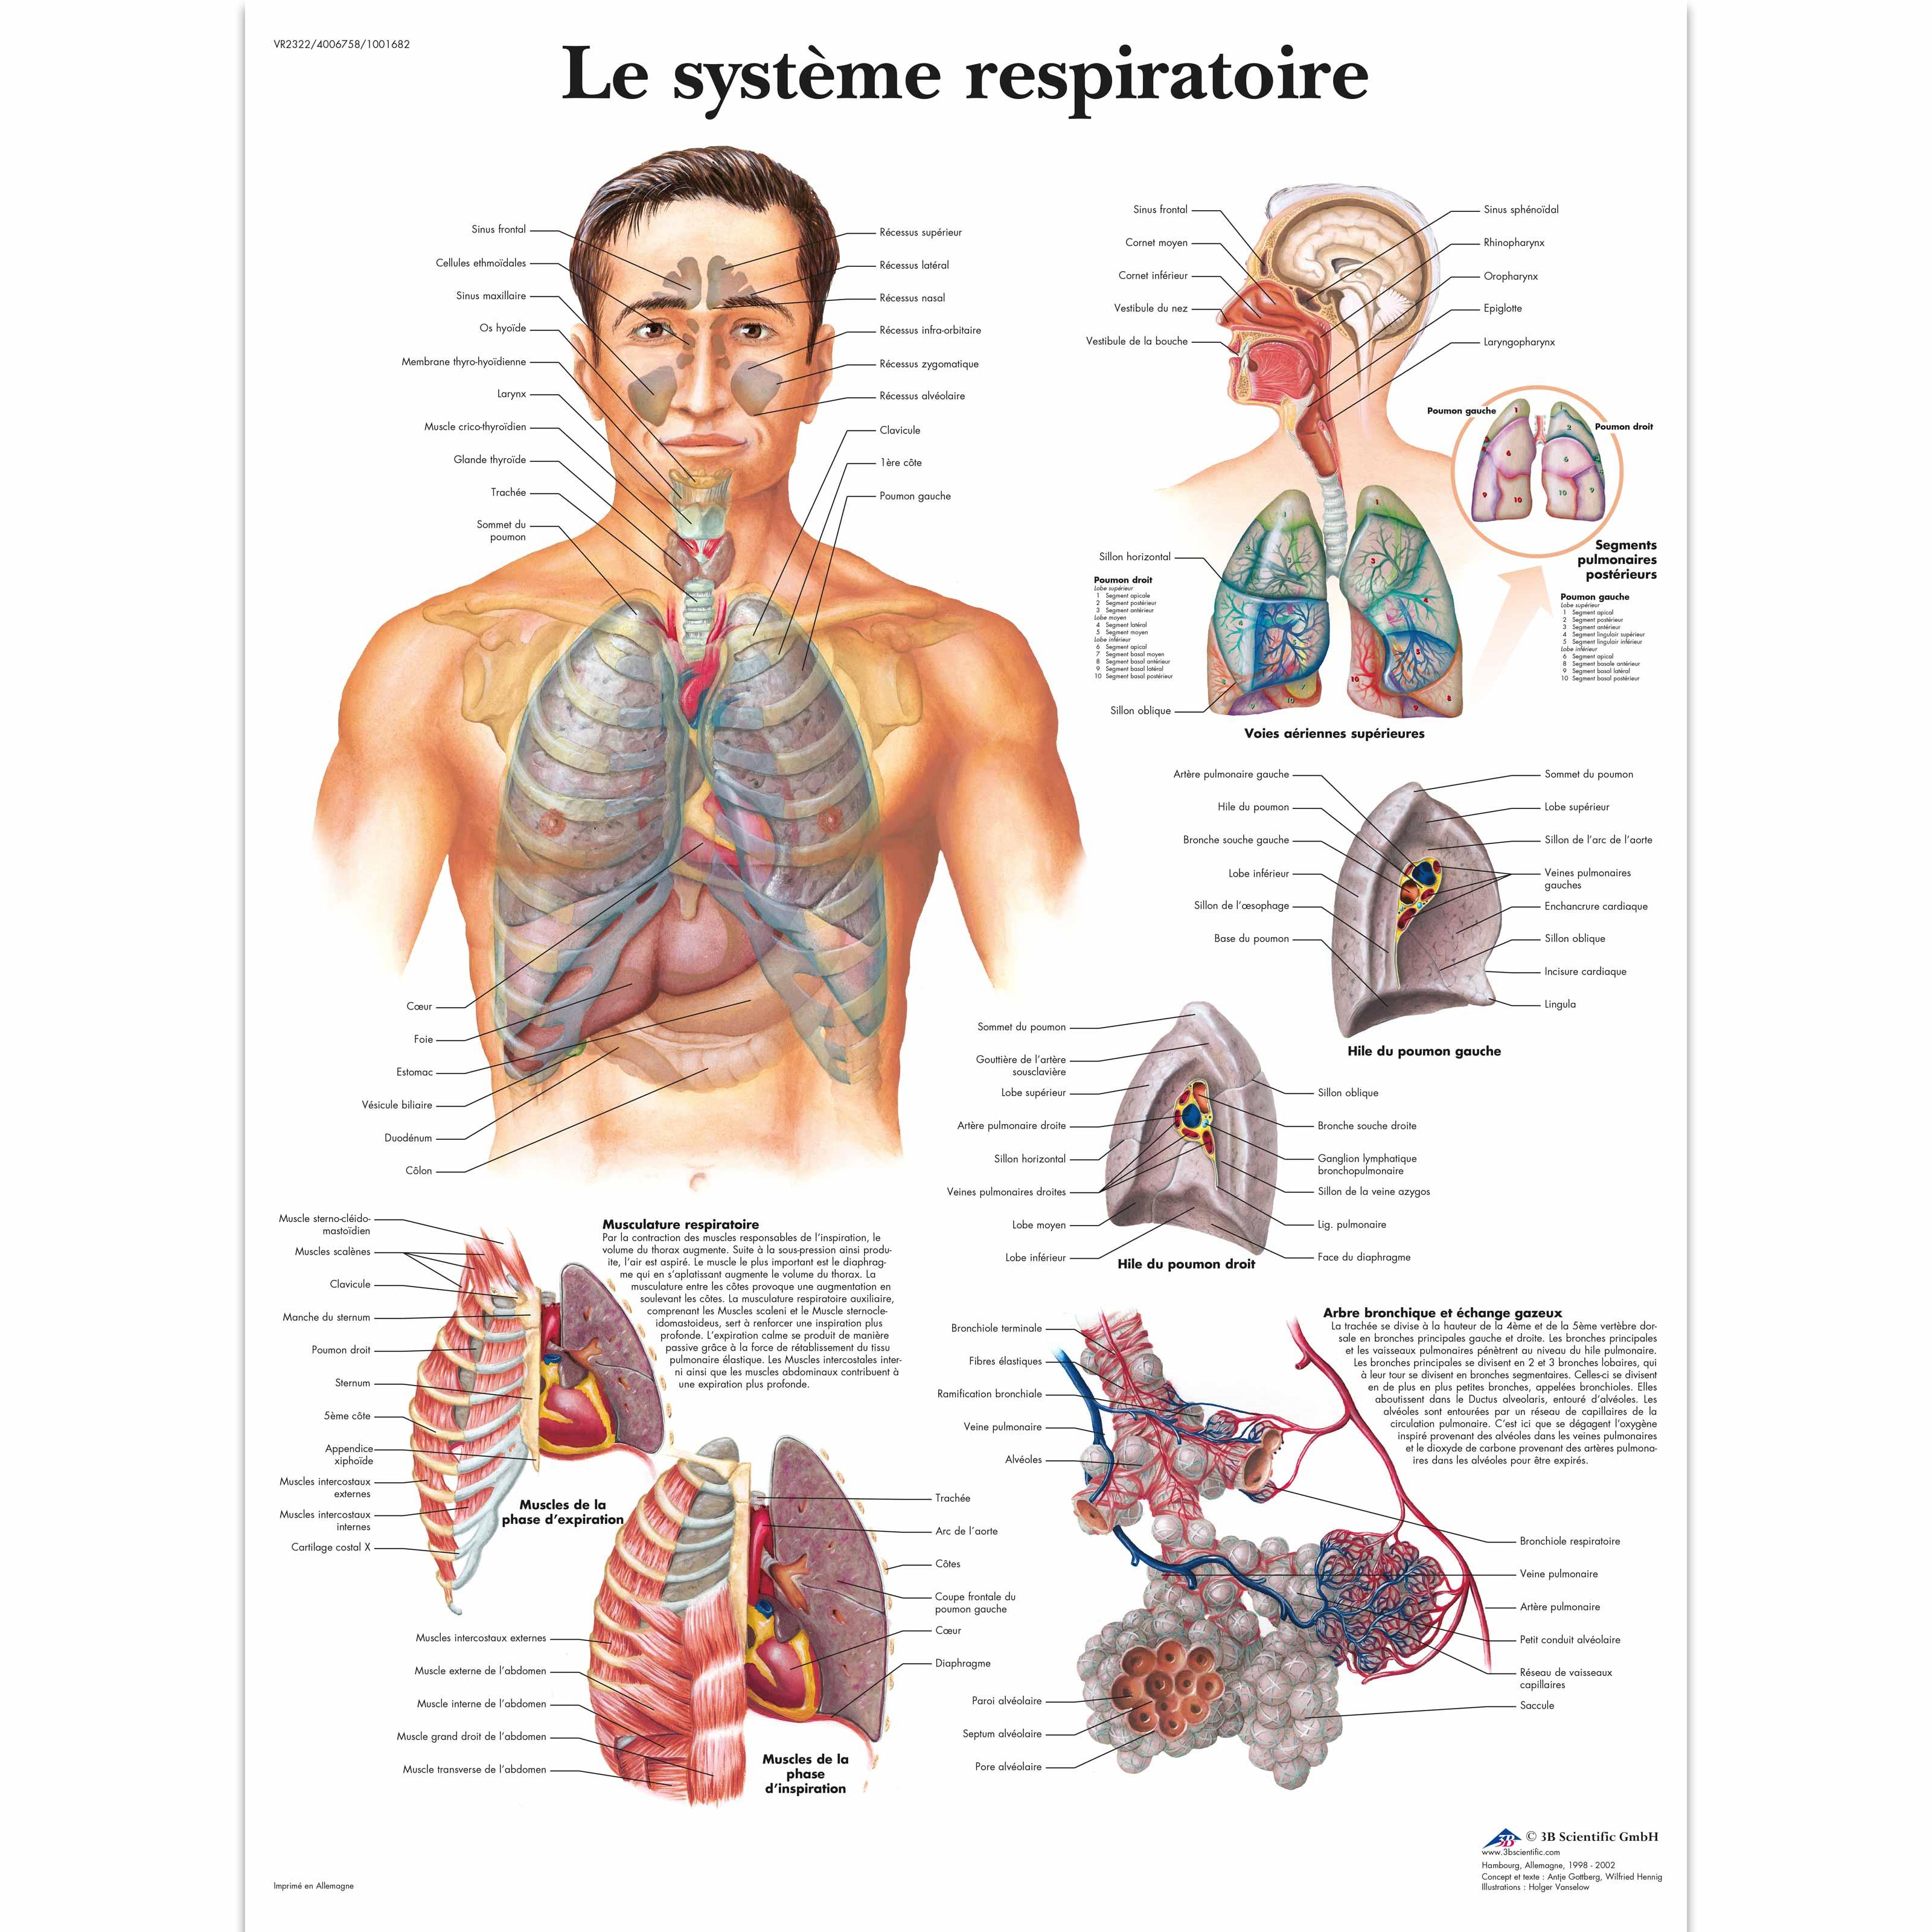 Fein Anatomie Und Physiologie Systeme Fotos - Menschliche Anatomie ...